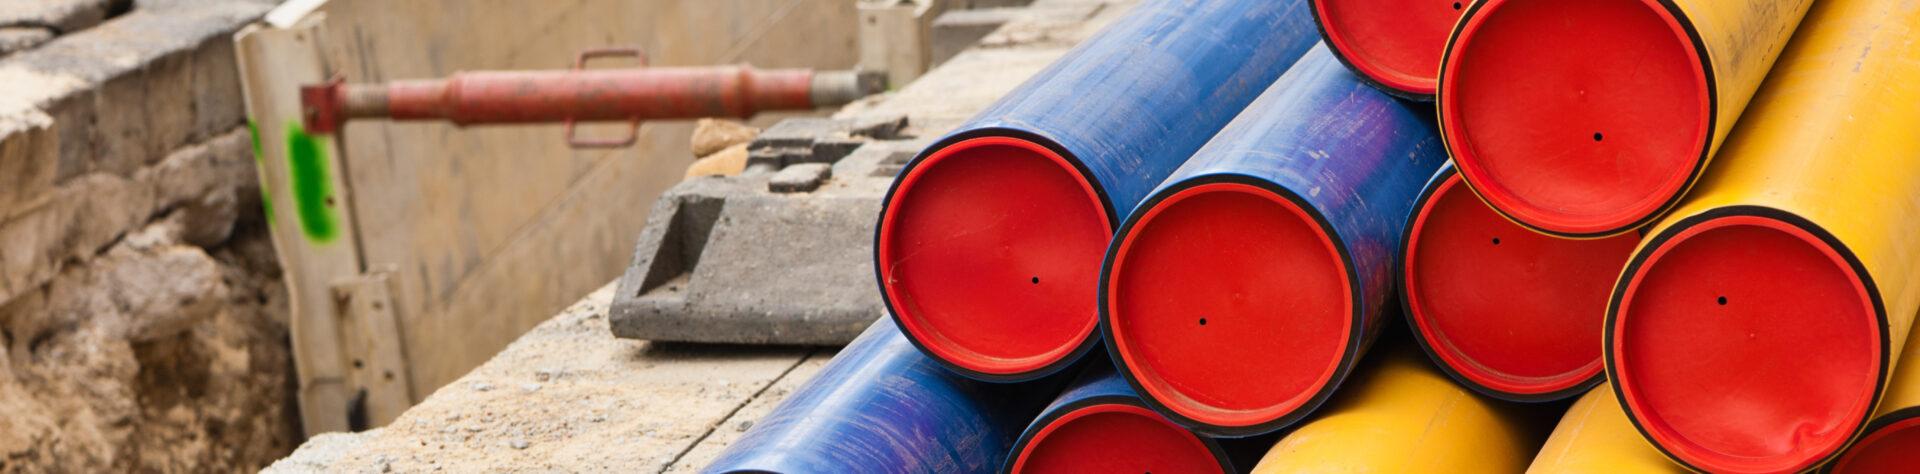 Gas- und Wasserrohre aus Kunststoff mit roten Verschlusskappen